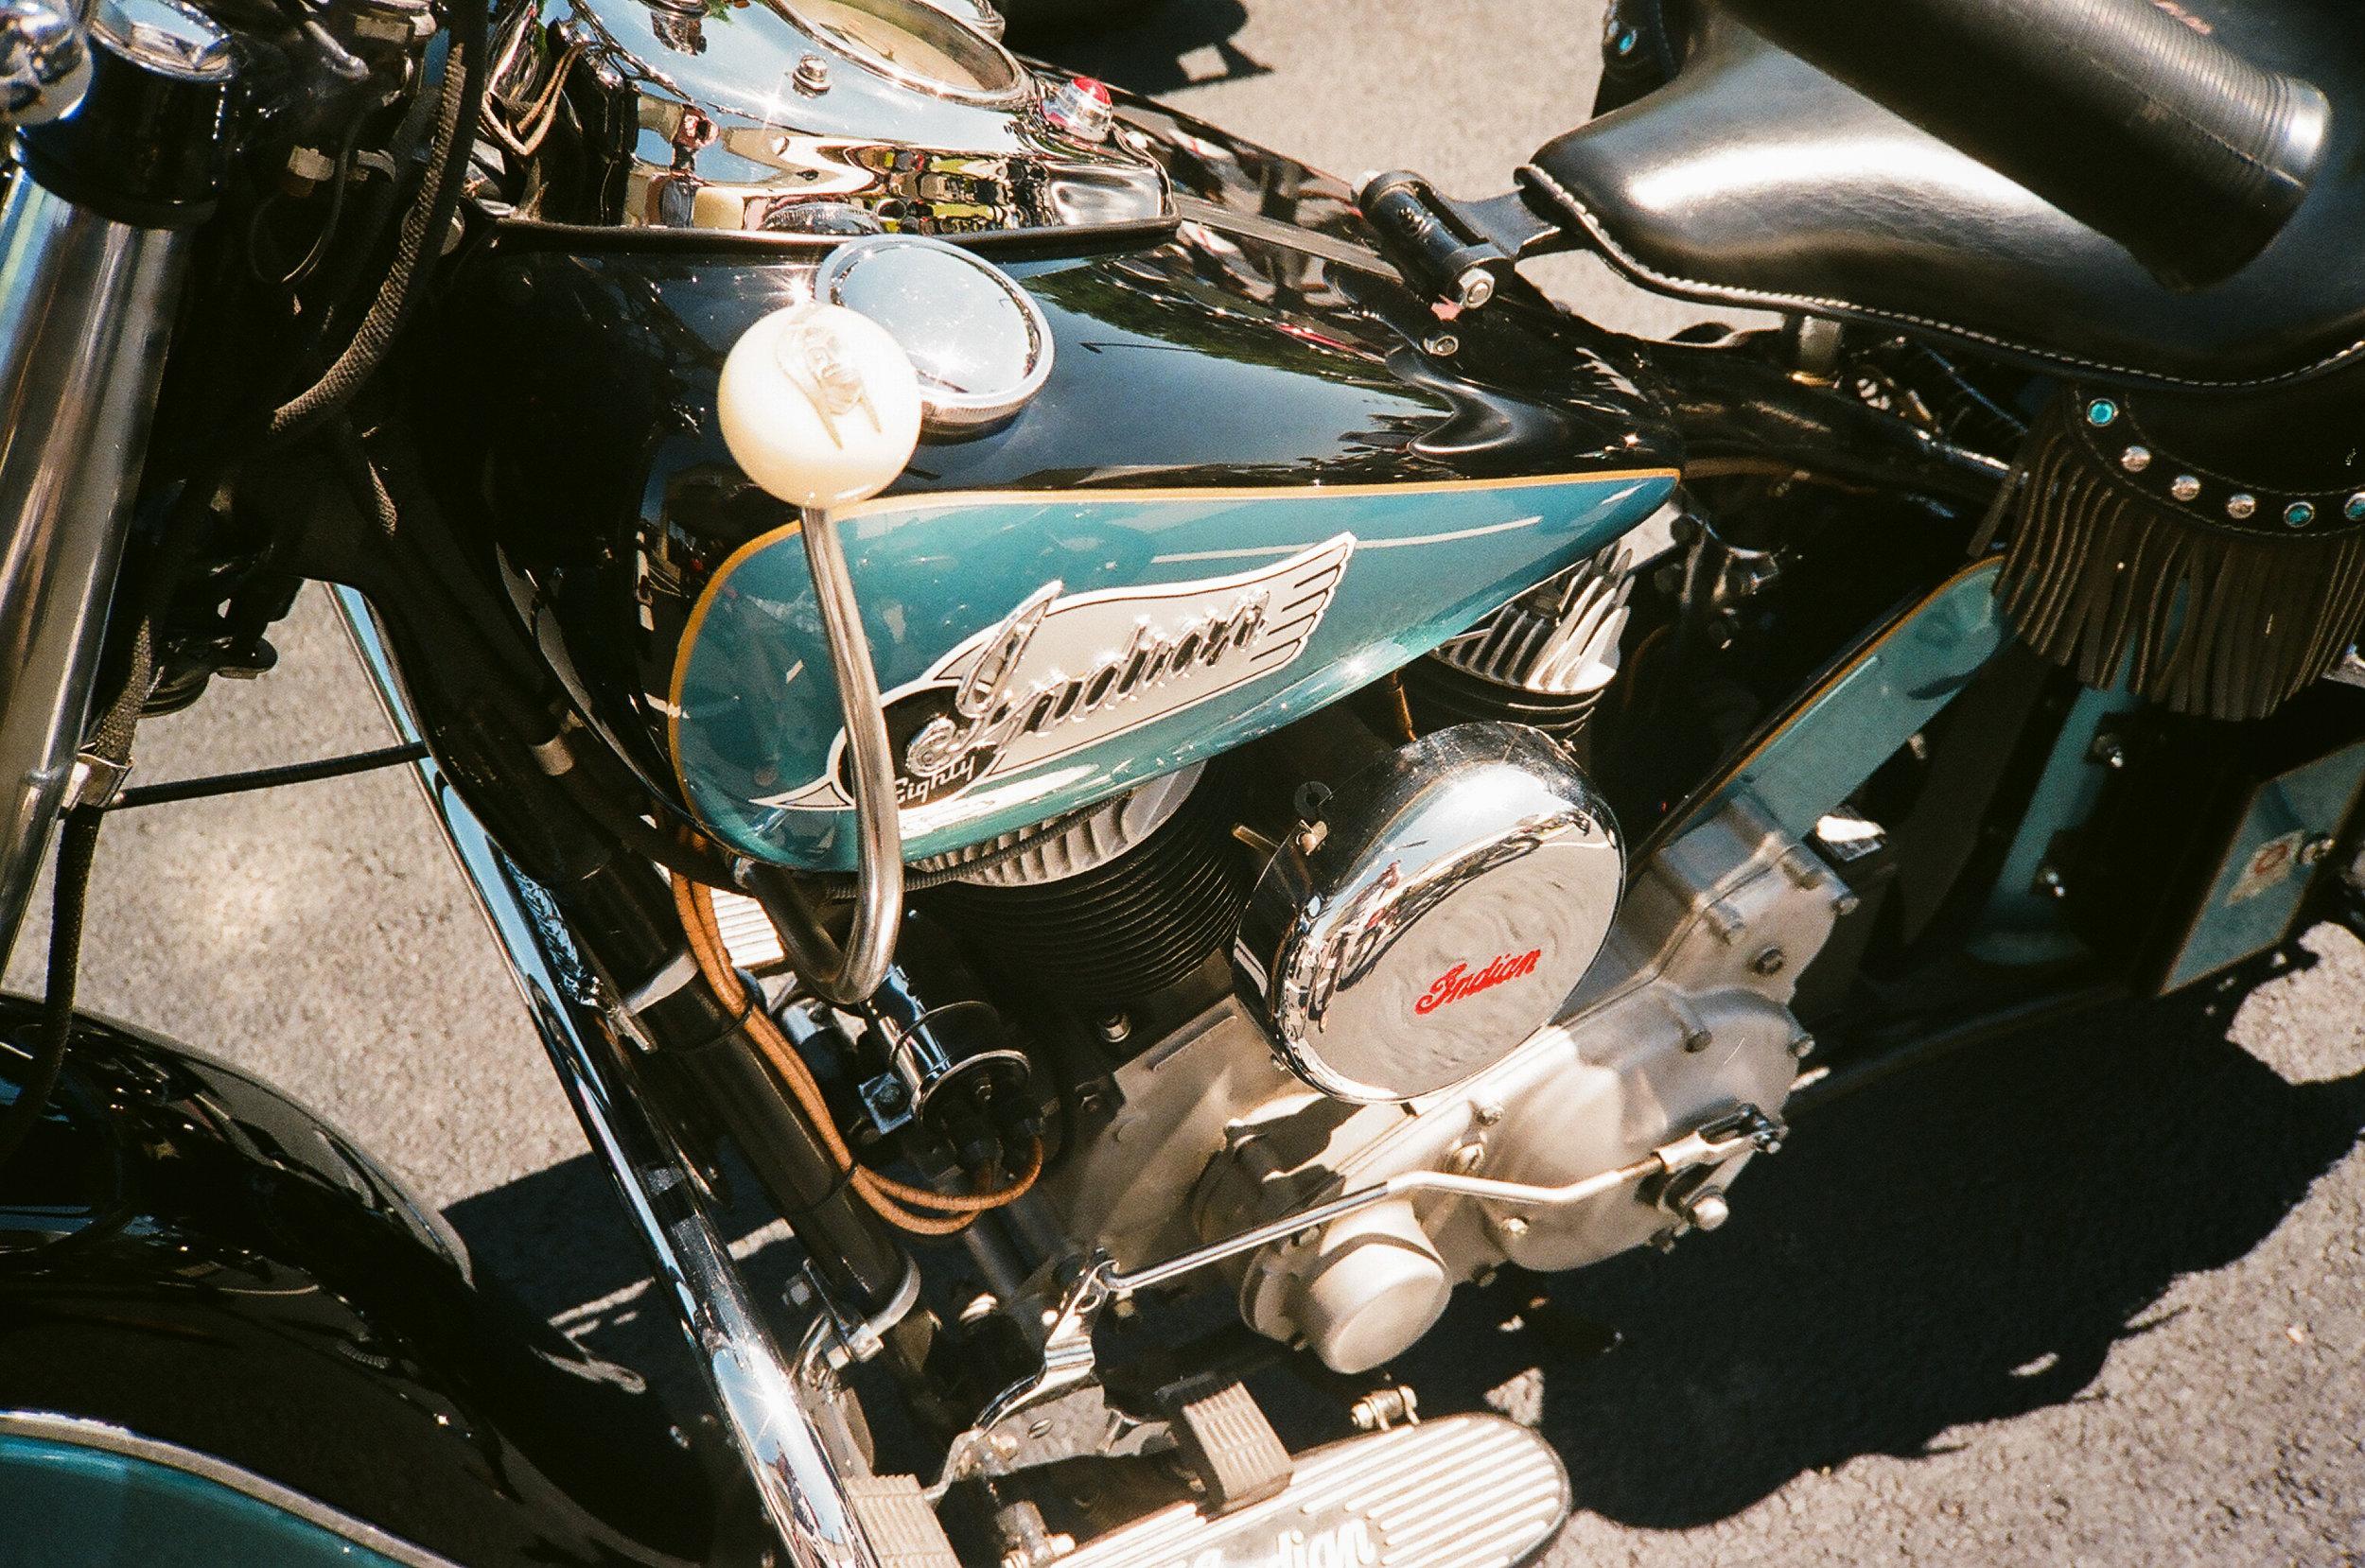 texas-motorcycle-revival-2017-58500019.jpg